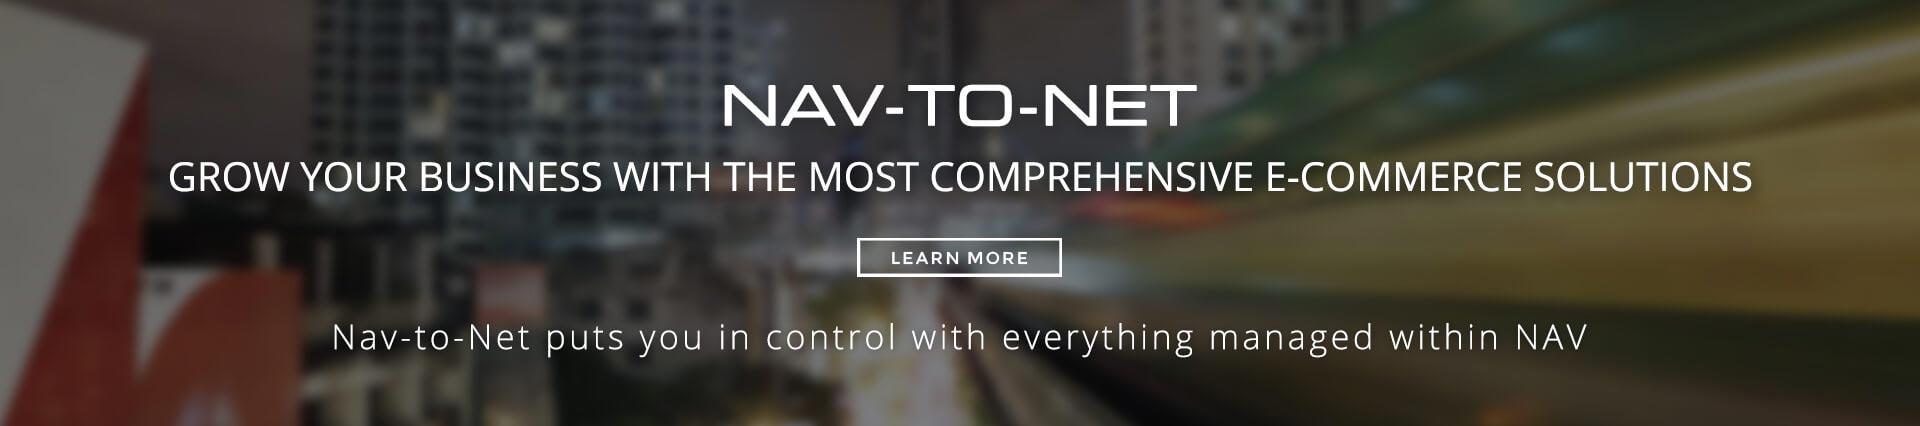 Nav-to-Net - e-Commerce Solution for Microsoft Dynamics NAV (Navision)